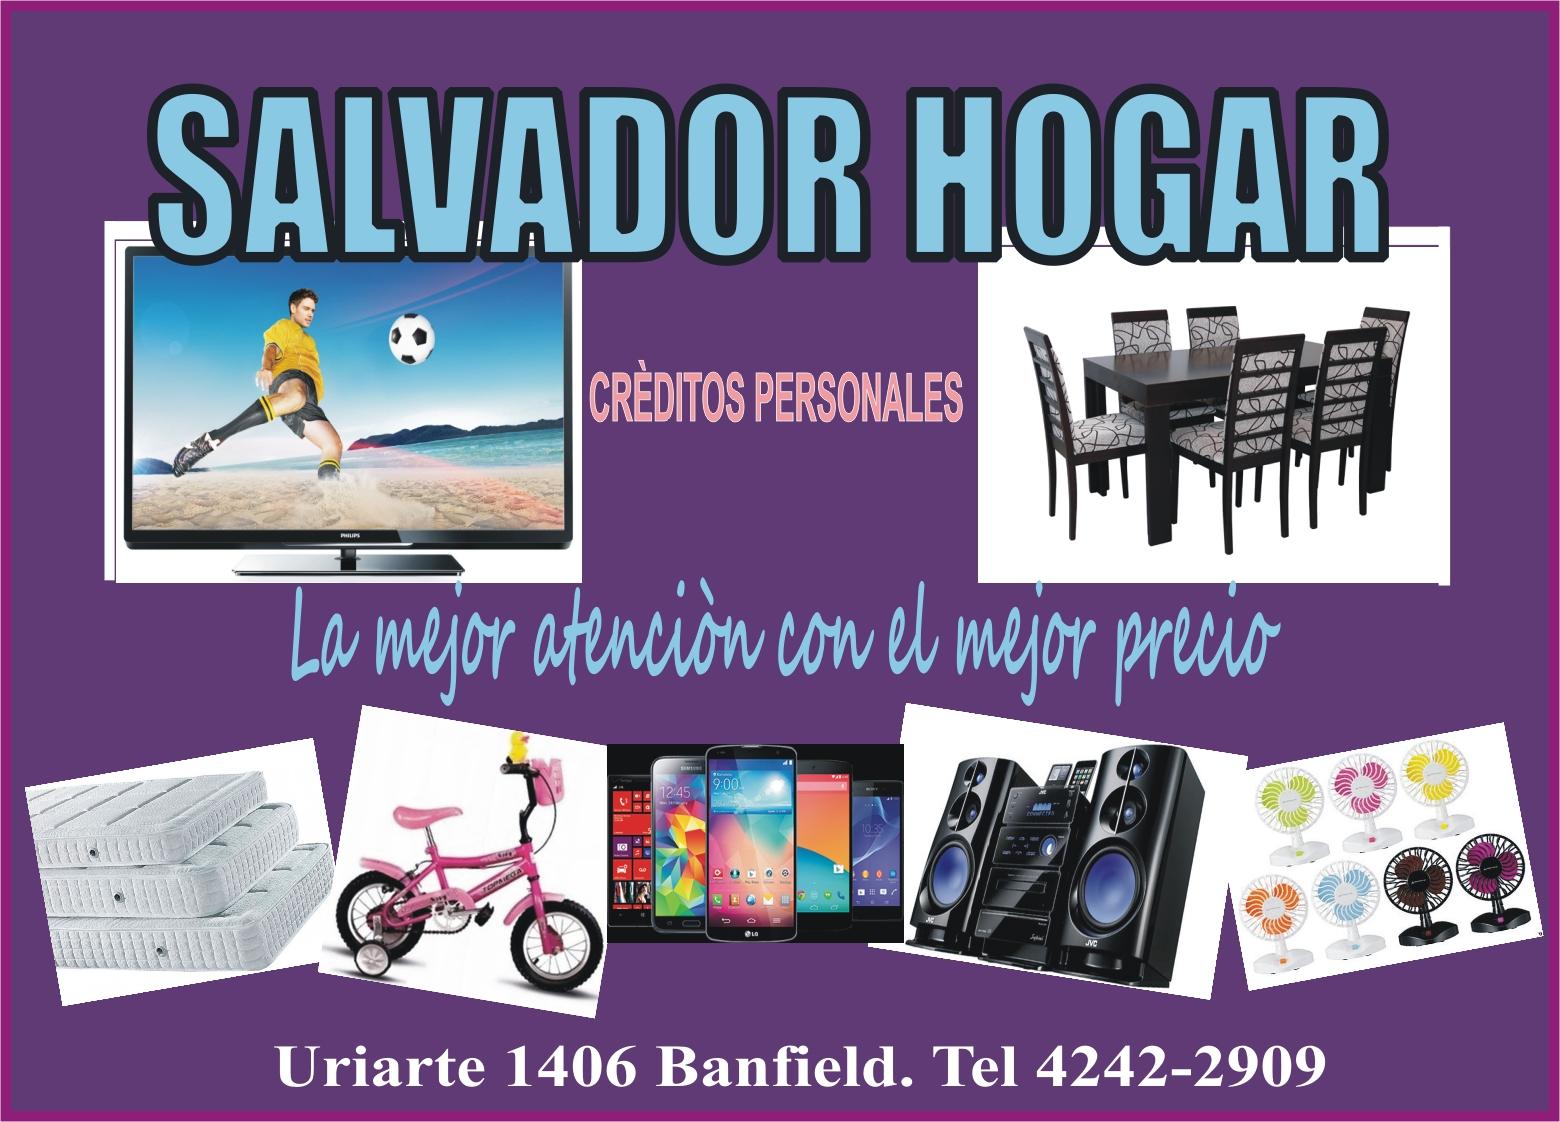 SALVADOR HOGAR